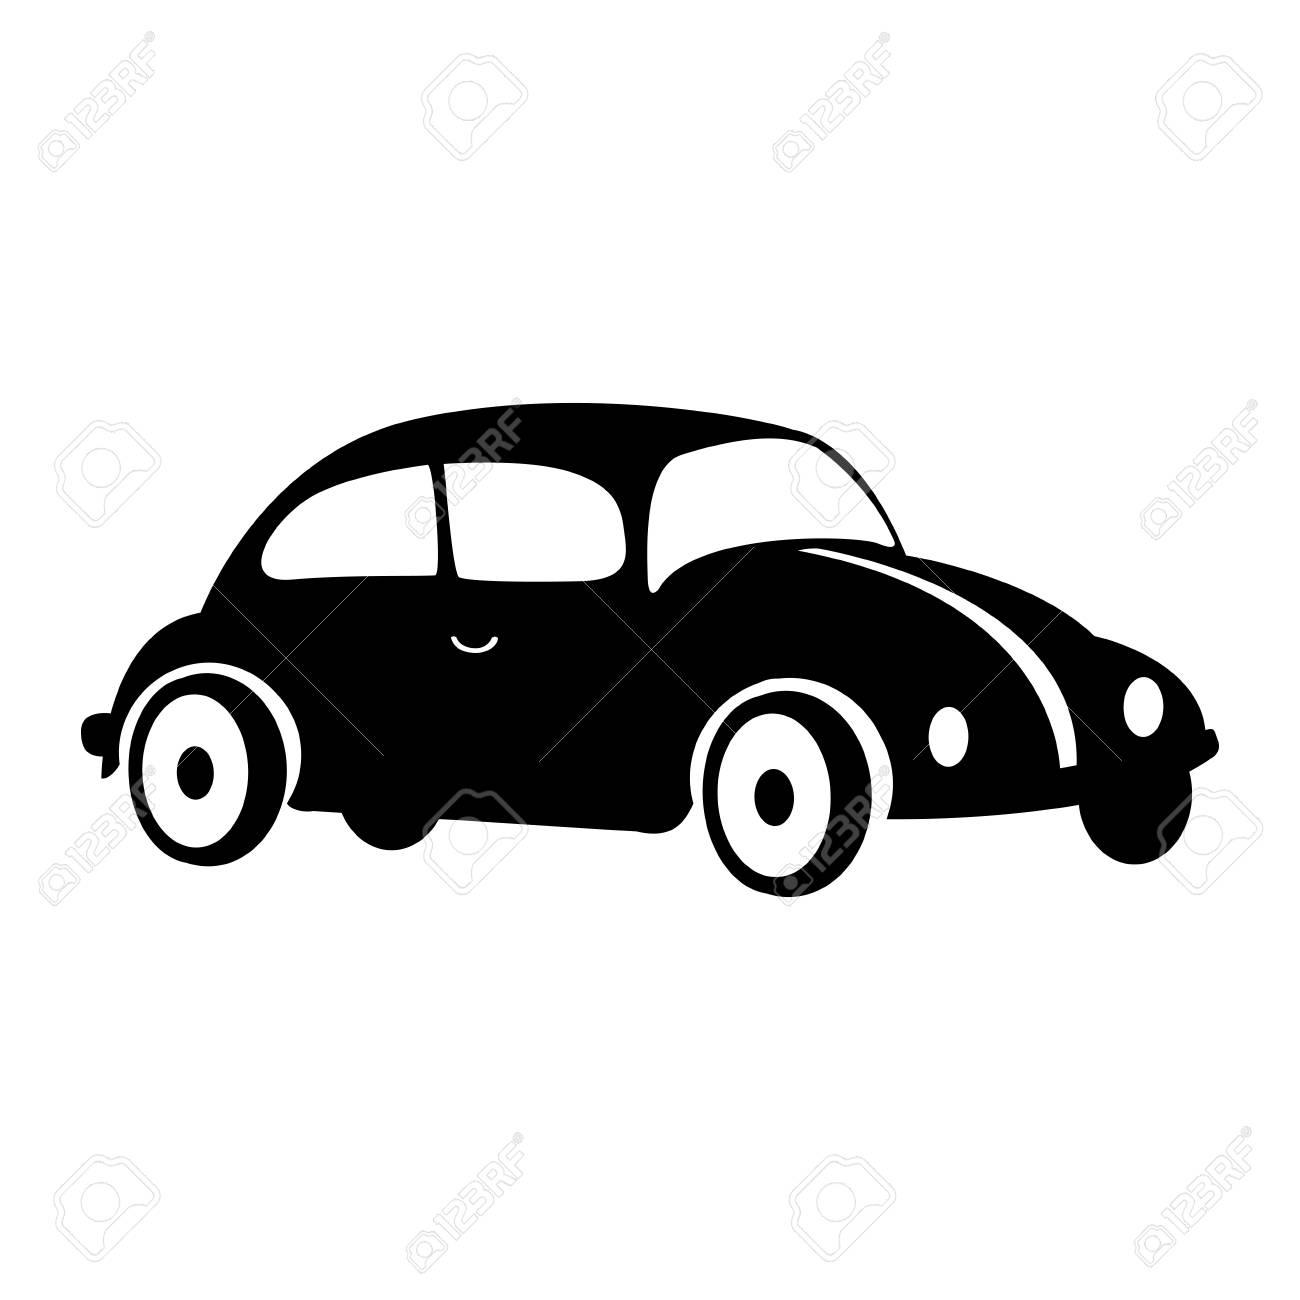 車ビートル分離アイコン ベクトル イラスト デザイン の写真素材画像